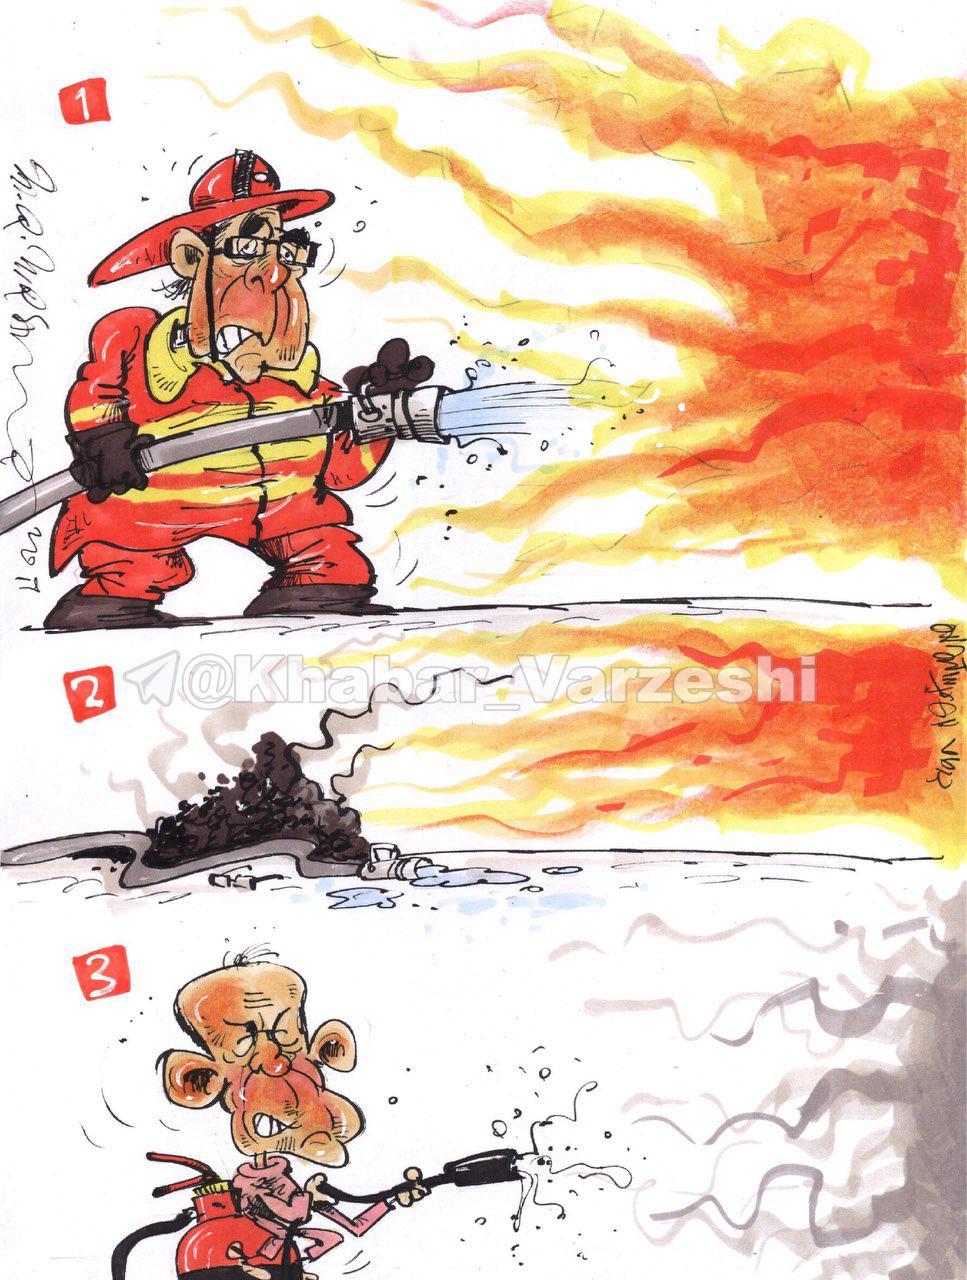 عکس خبري - برانکو: چهارسال آتش نشان پرسپوليس بودم